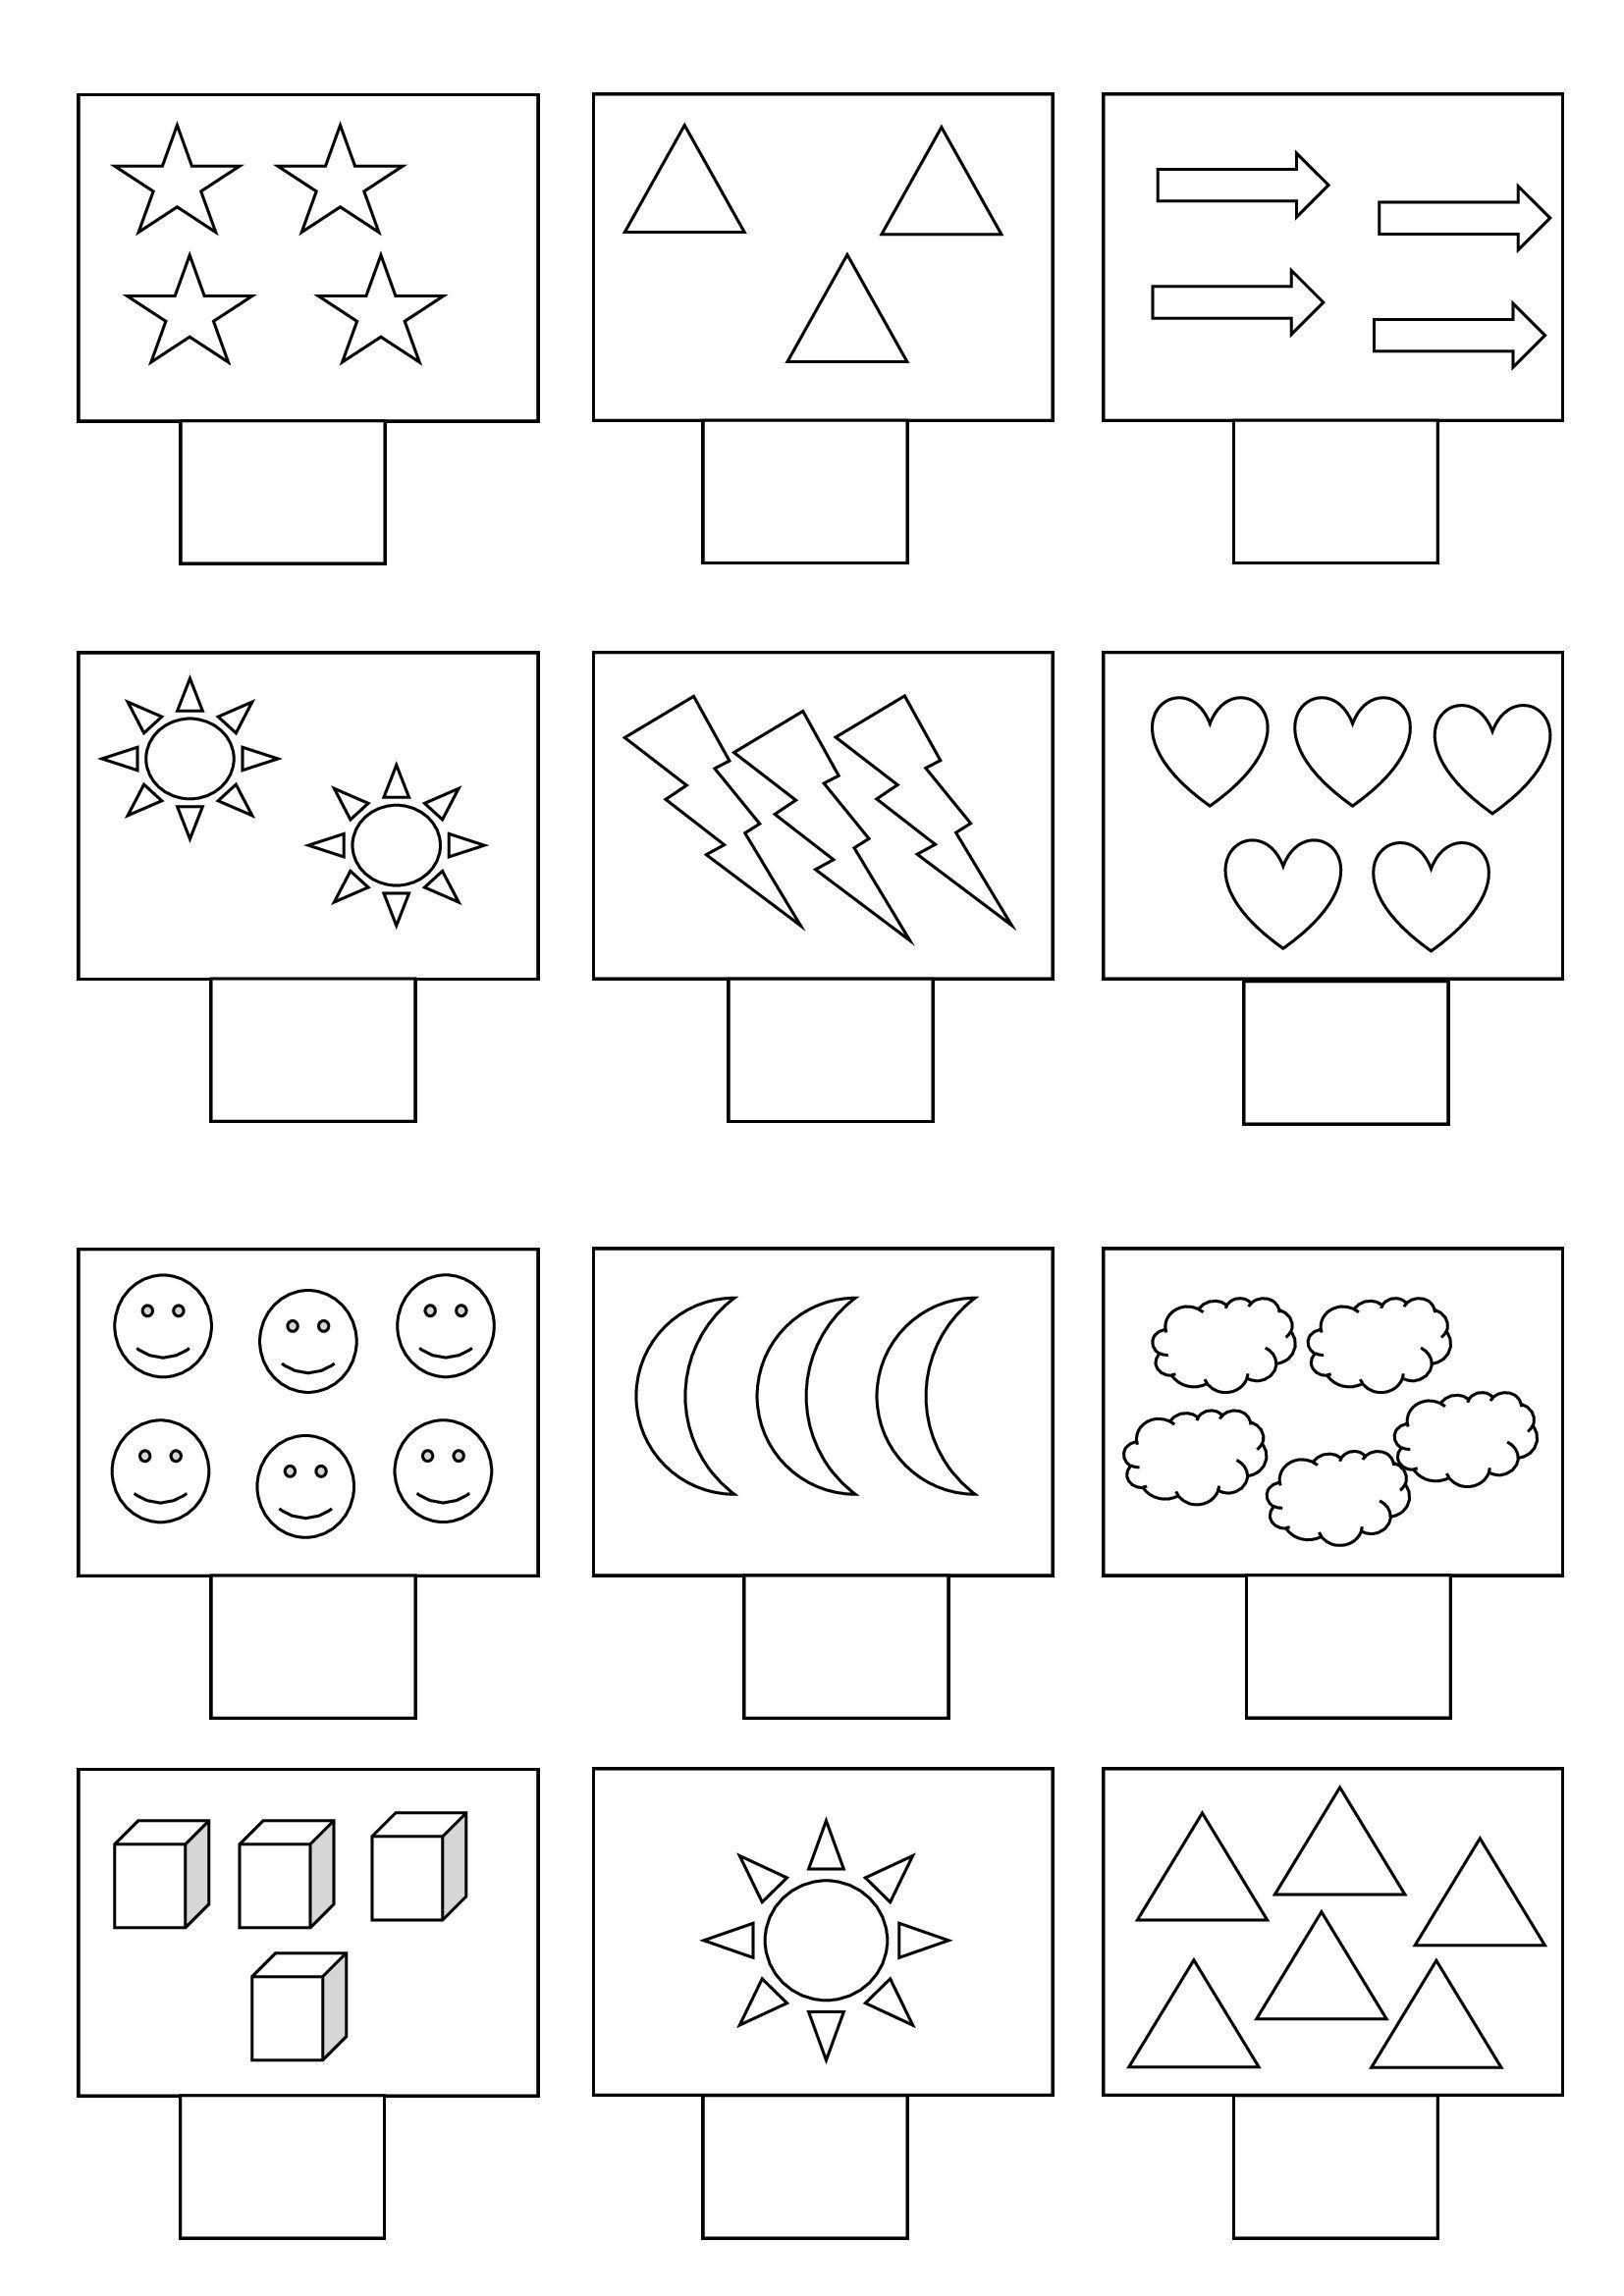 3 Kumon Worksheets Free Kindergarten Math Worksheets Kids Math Worksheets Preschool Math Worksheets Kumon addition and subtraction